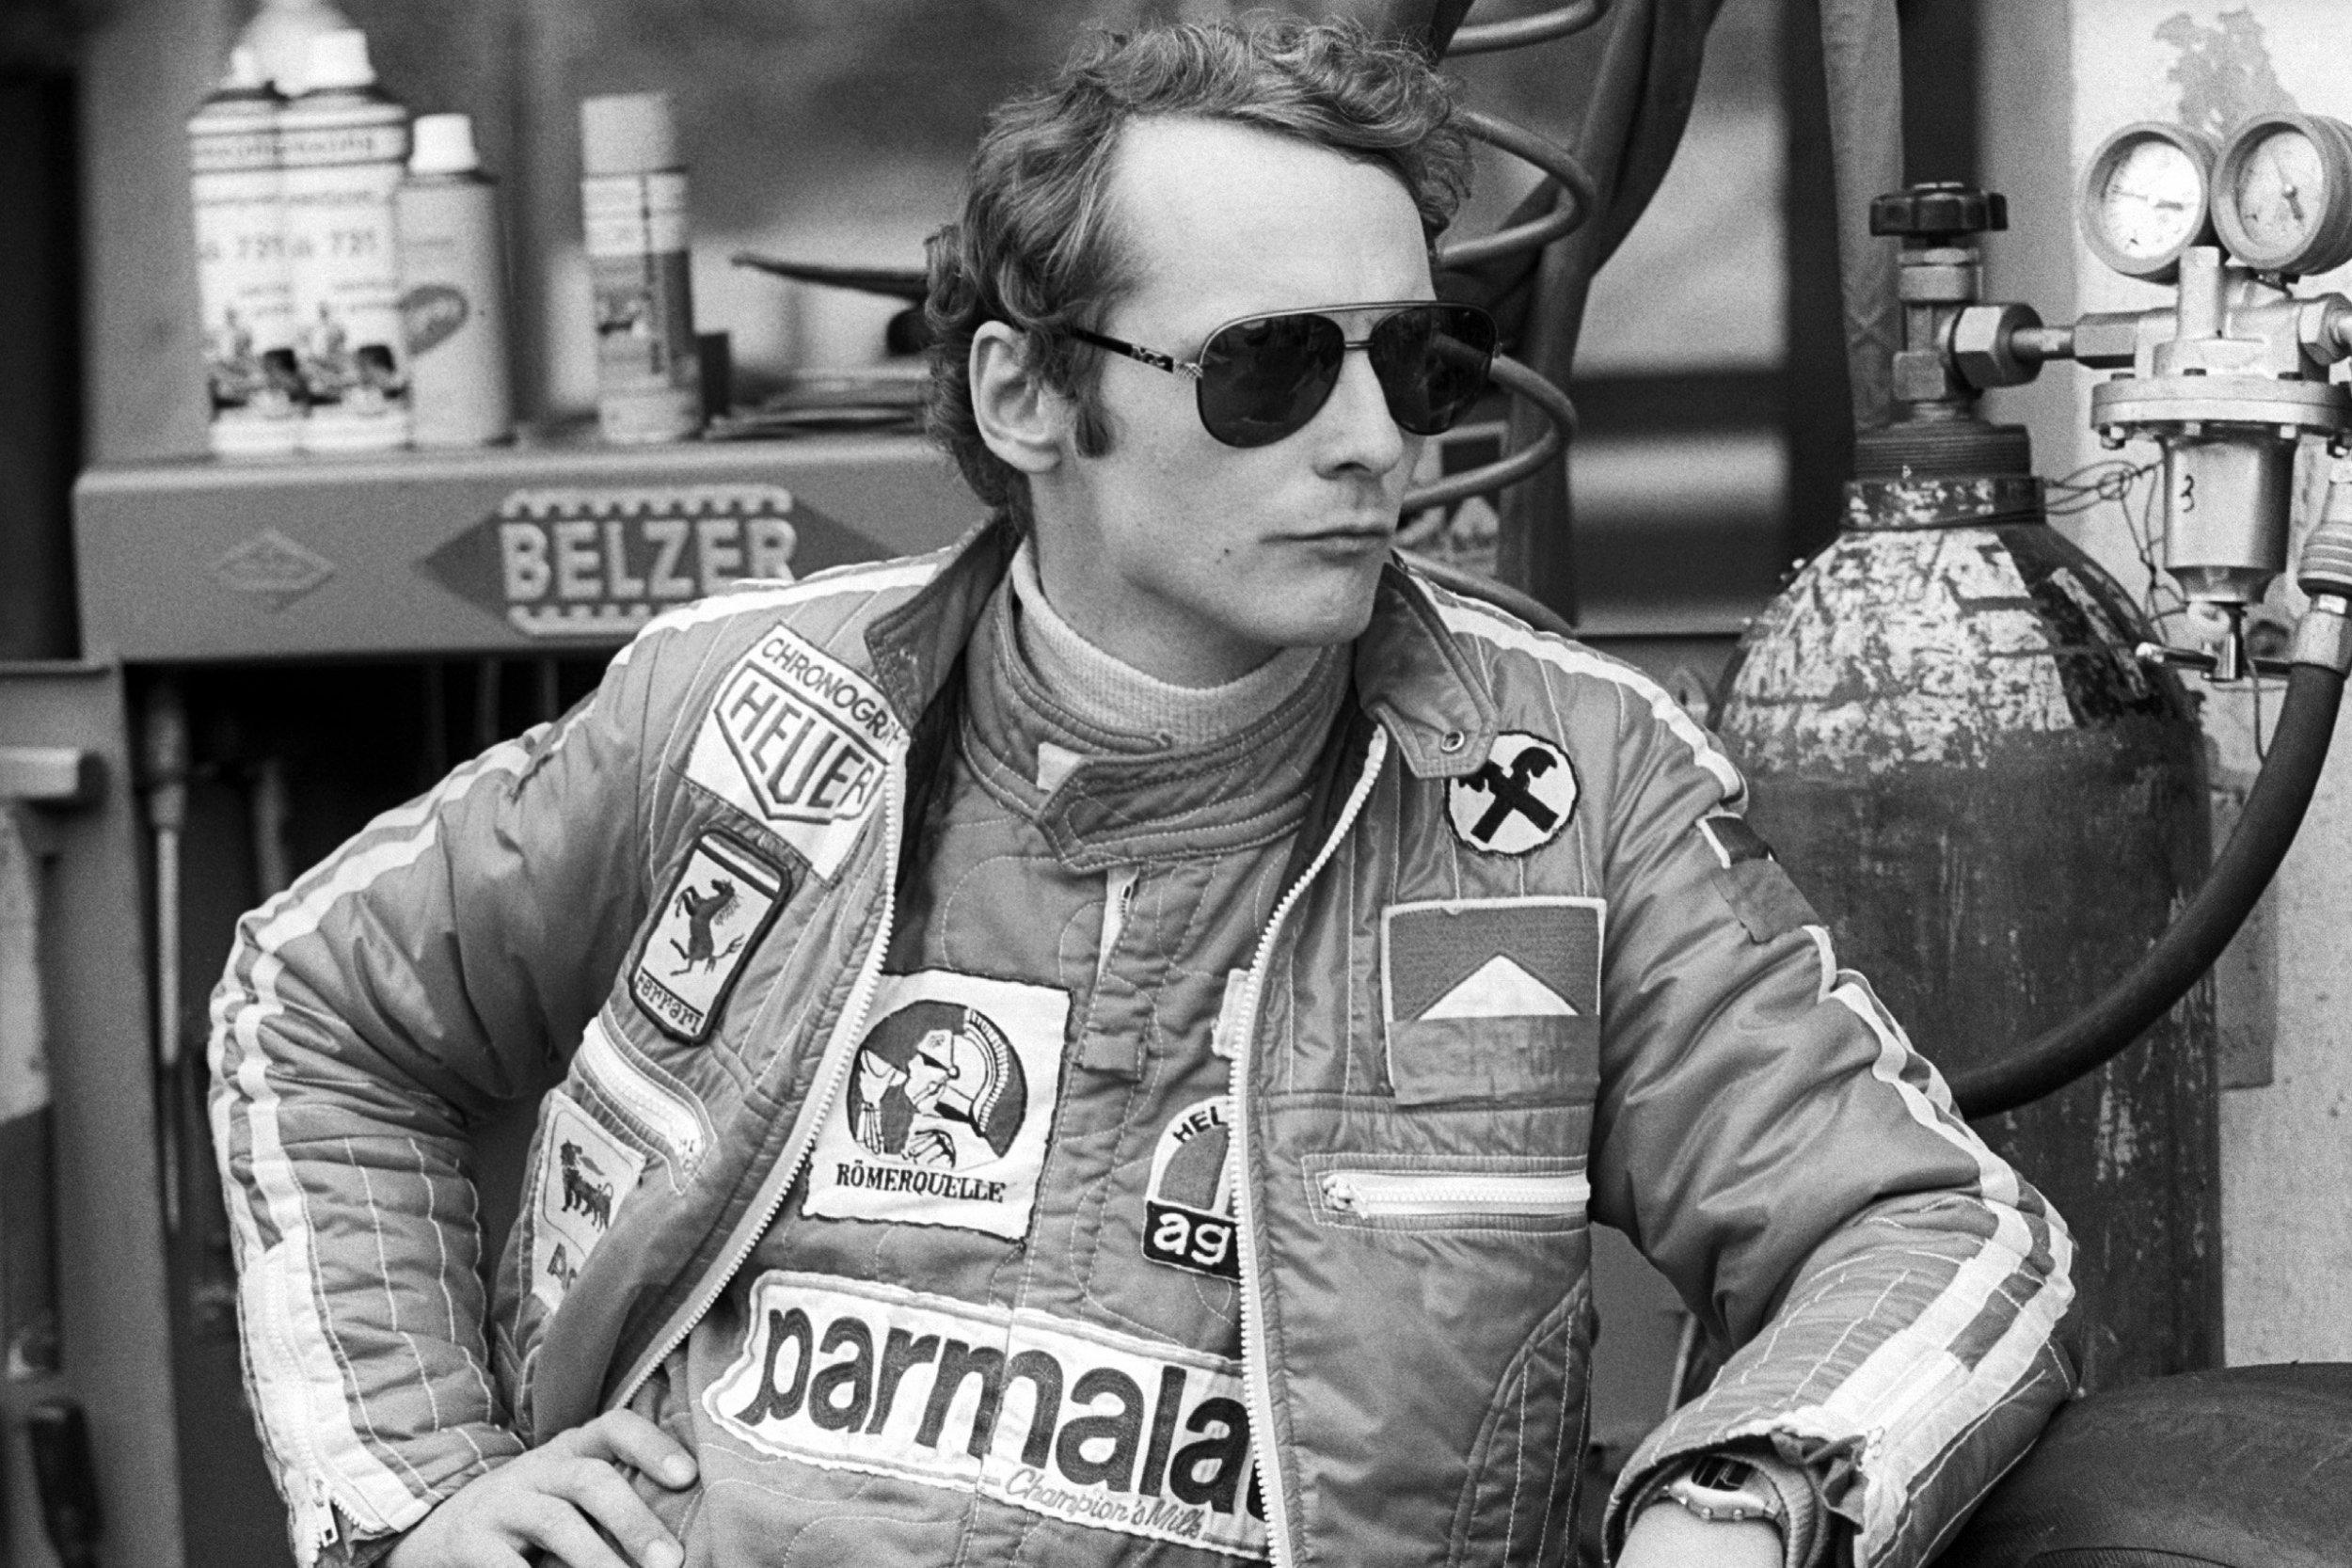 grande liquidazione nuova stagione miglior posto per Niki Lauda on His Career Rivalry and Near-Death Season in 'Rush'